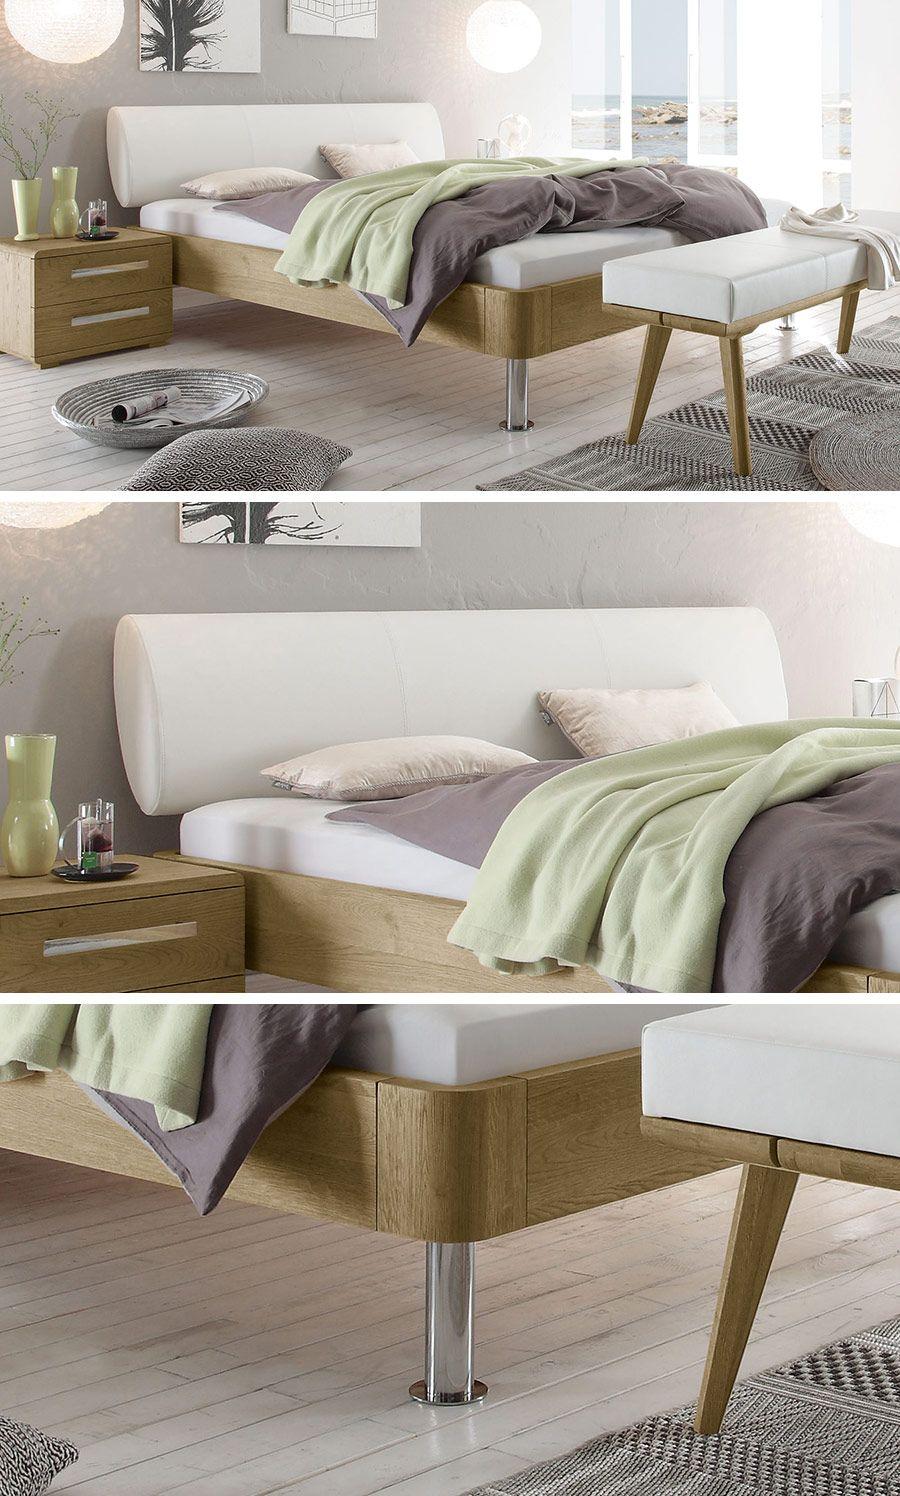 pin von auf skandinavian design pinterest kopfteile skandinavischer stil und. Black Bedroom Furniture Sets. Home Design Ideas